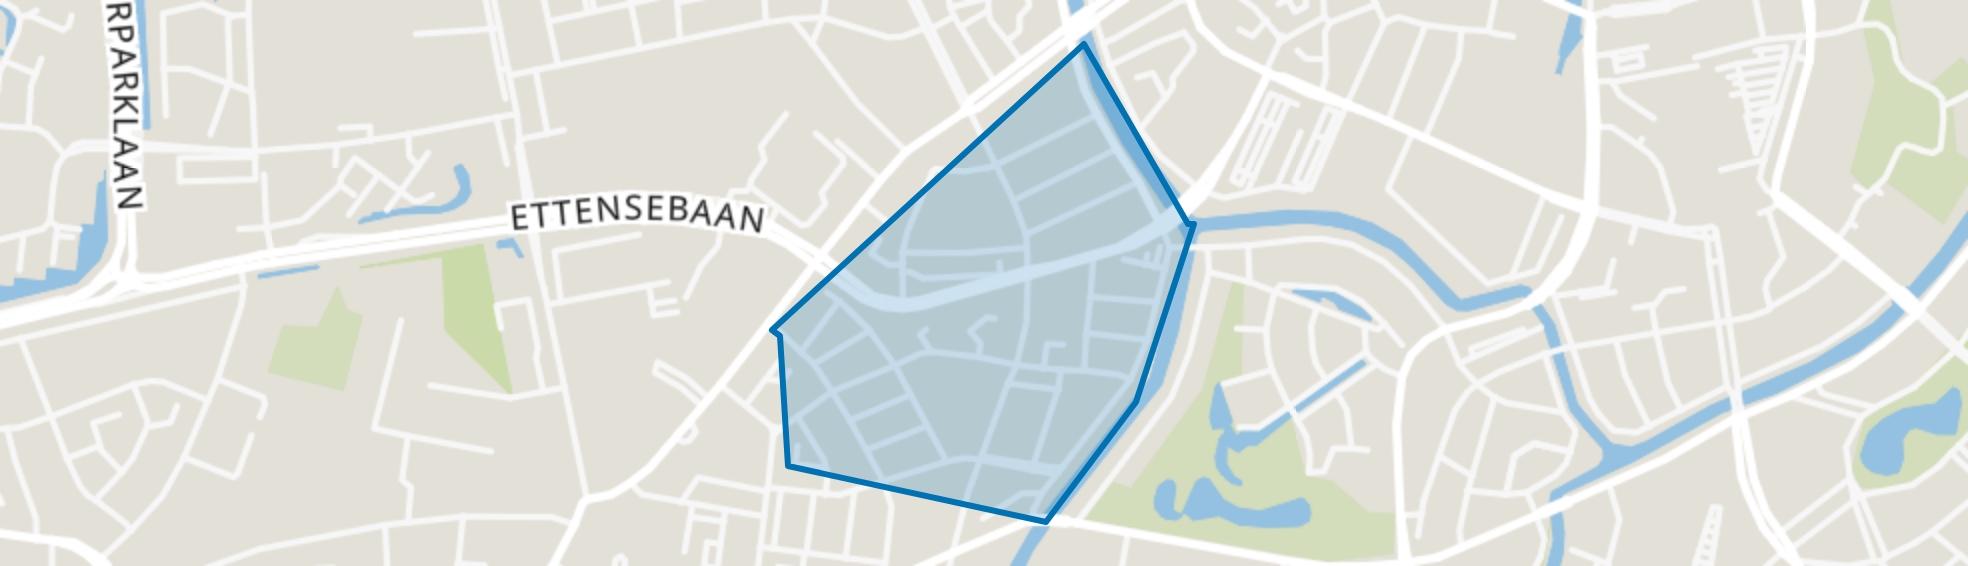 Haagpoort, Breda map